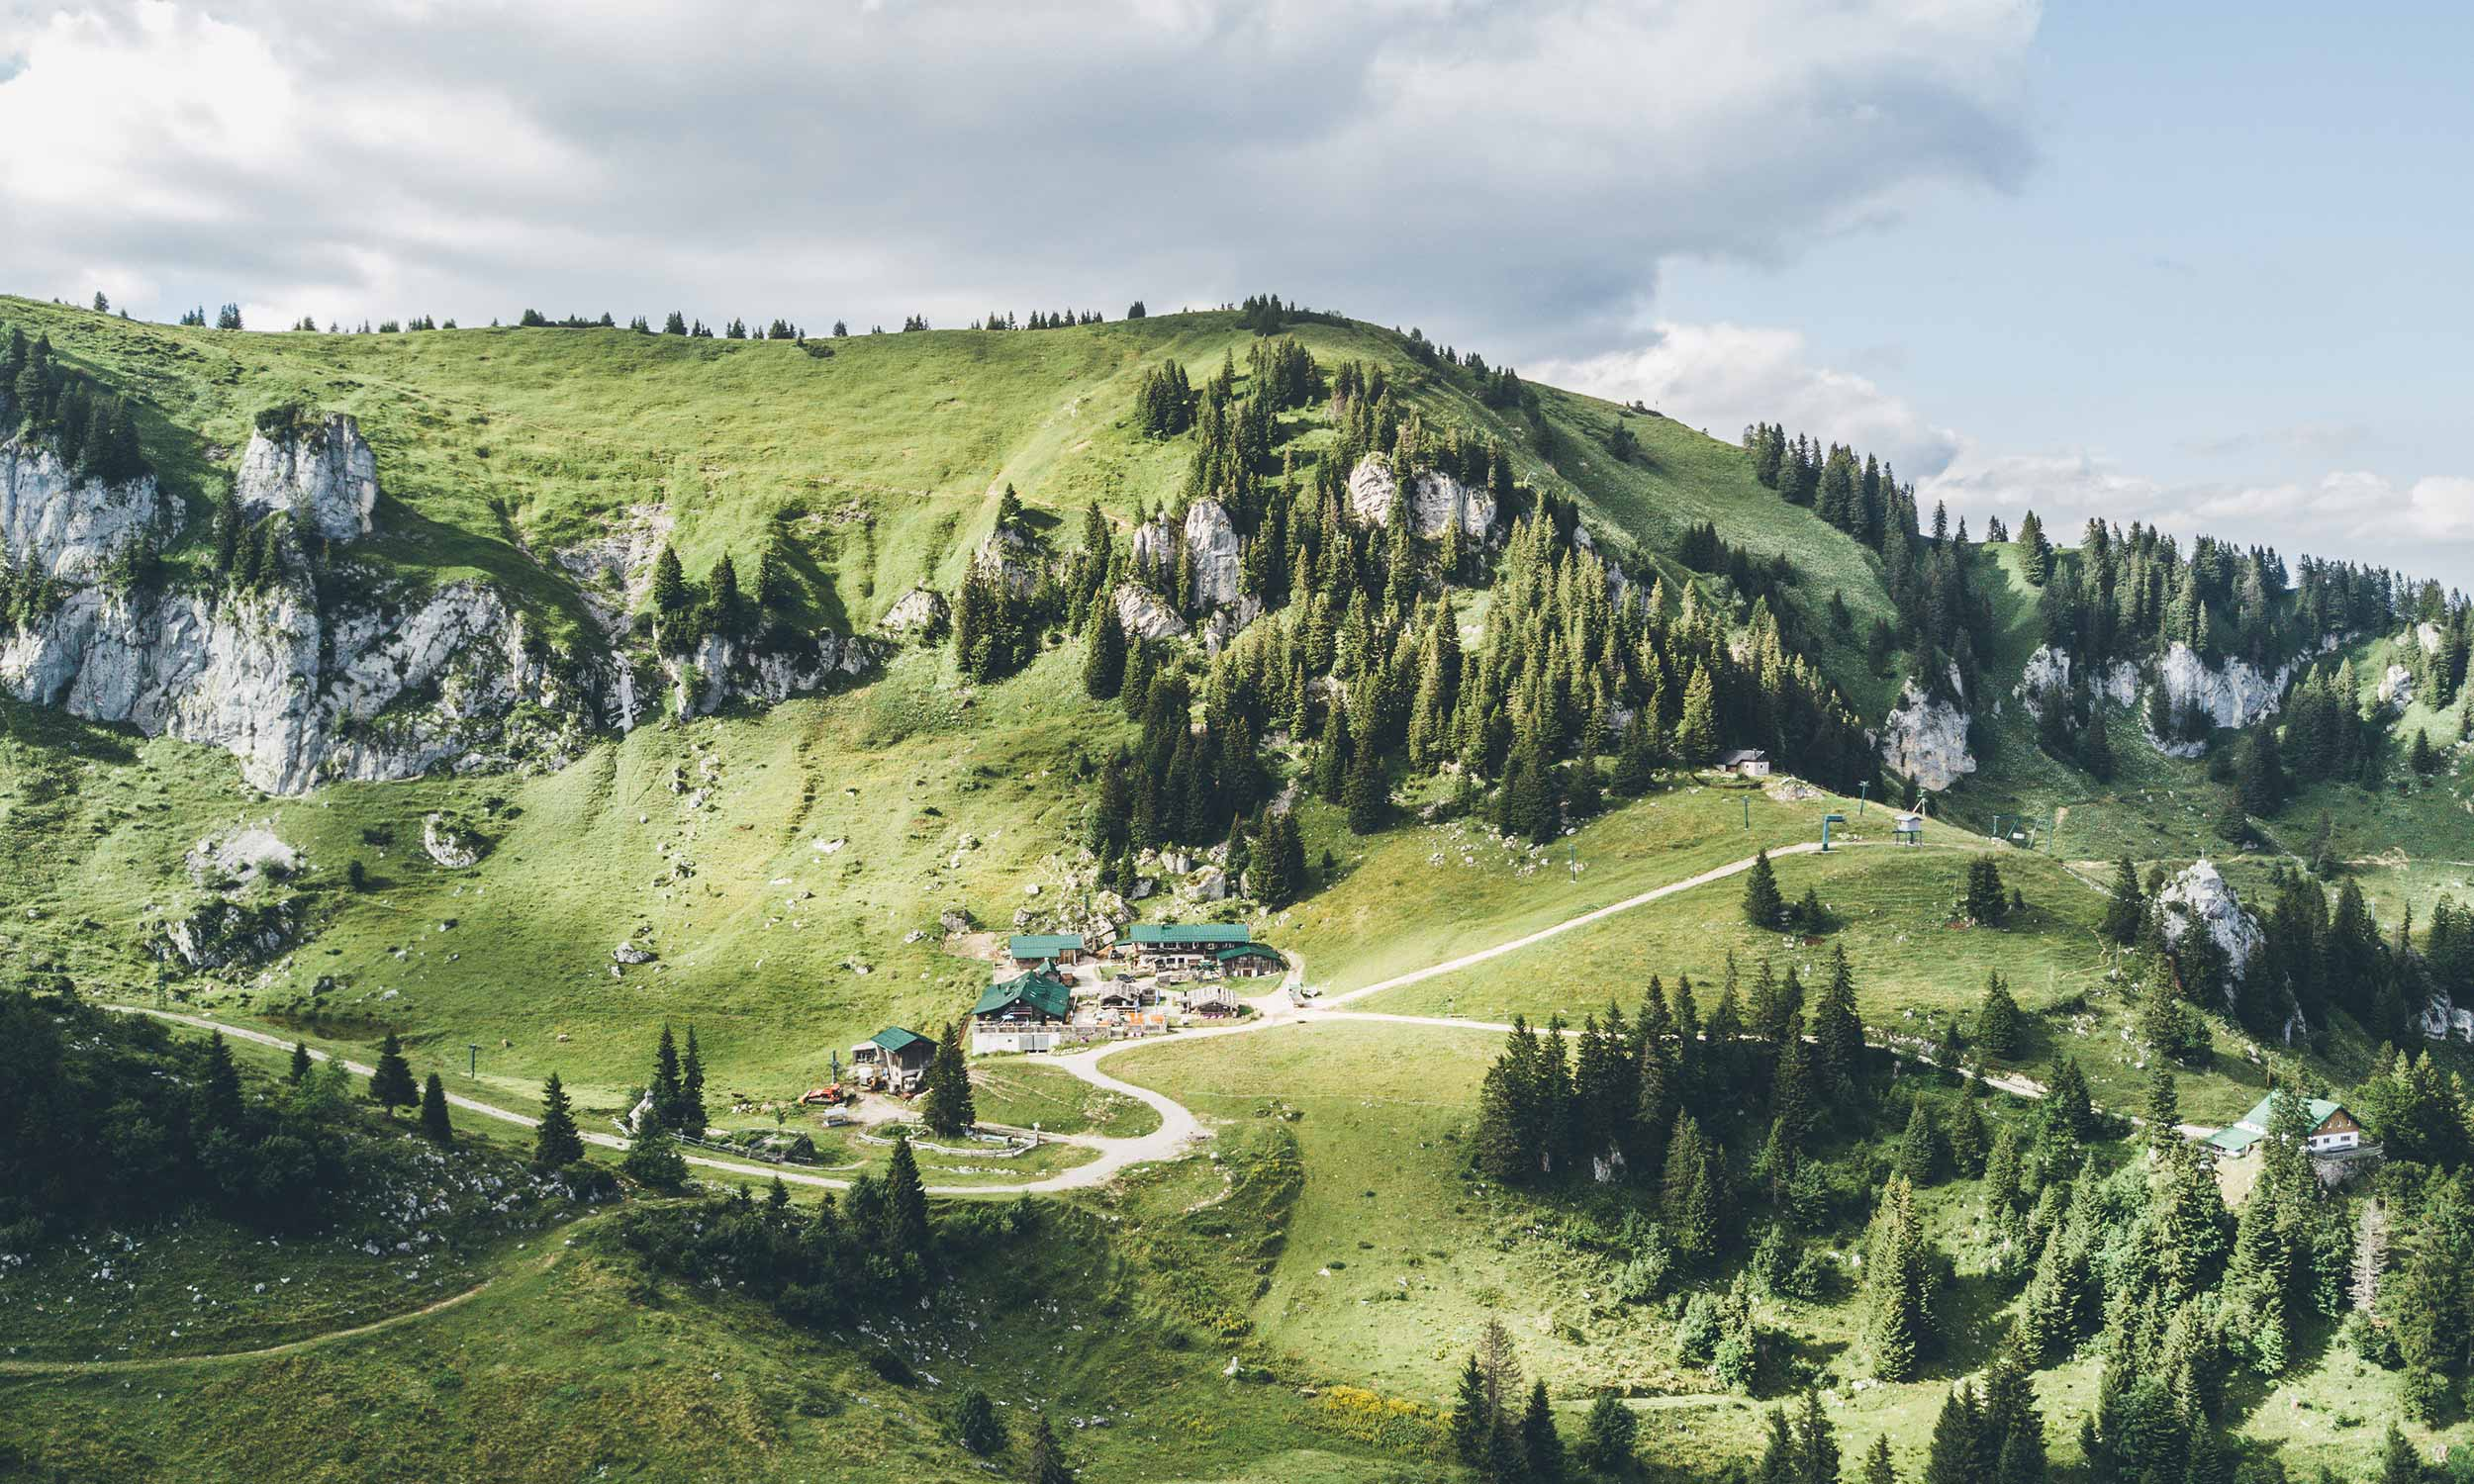 Luftaufnahme mit Berghütte Kaeserei und Felsen